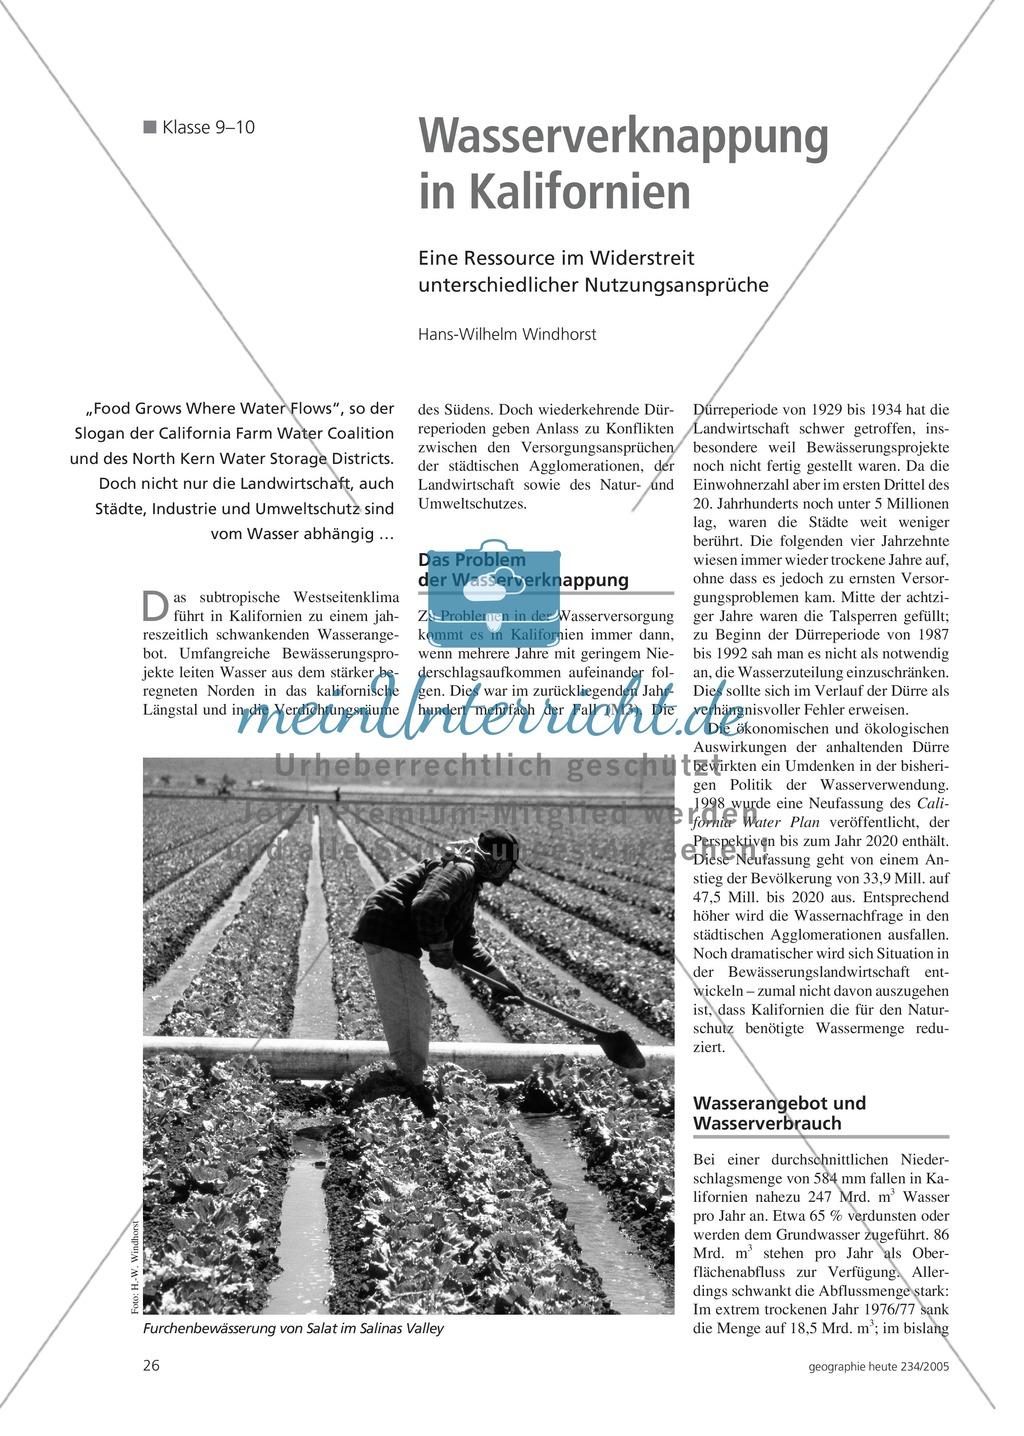 Die Landwirtschaft der USA: Nutzungskonflikte - Wasserknappheit in Kalifornien Preview 0